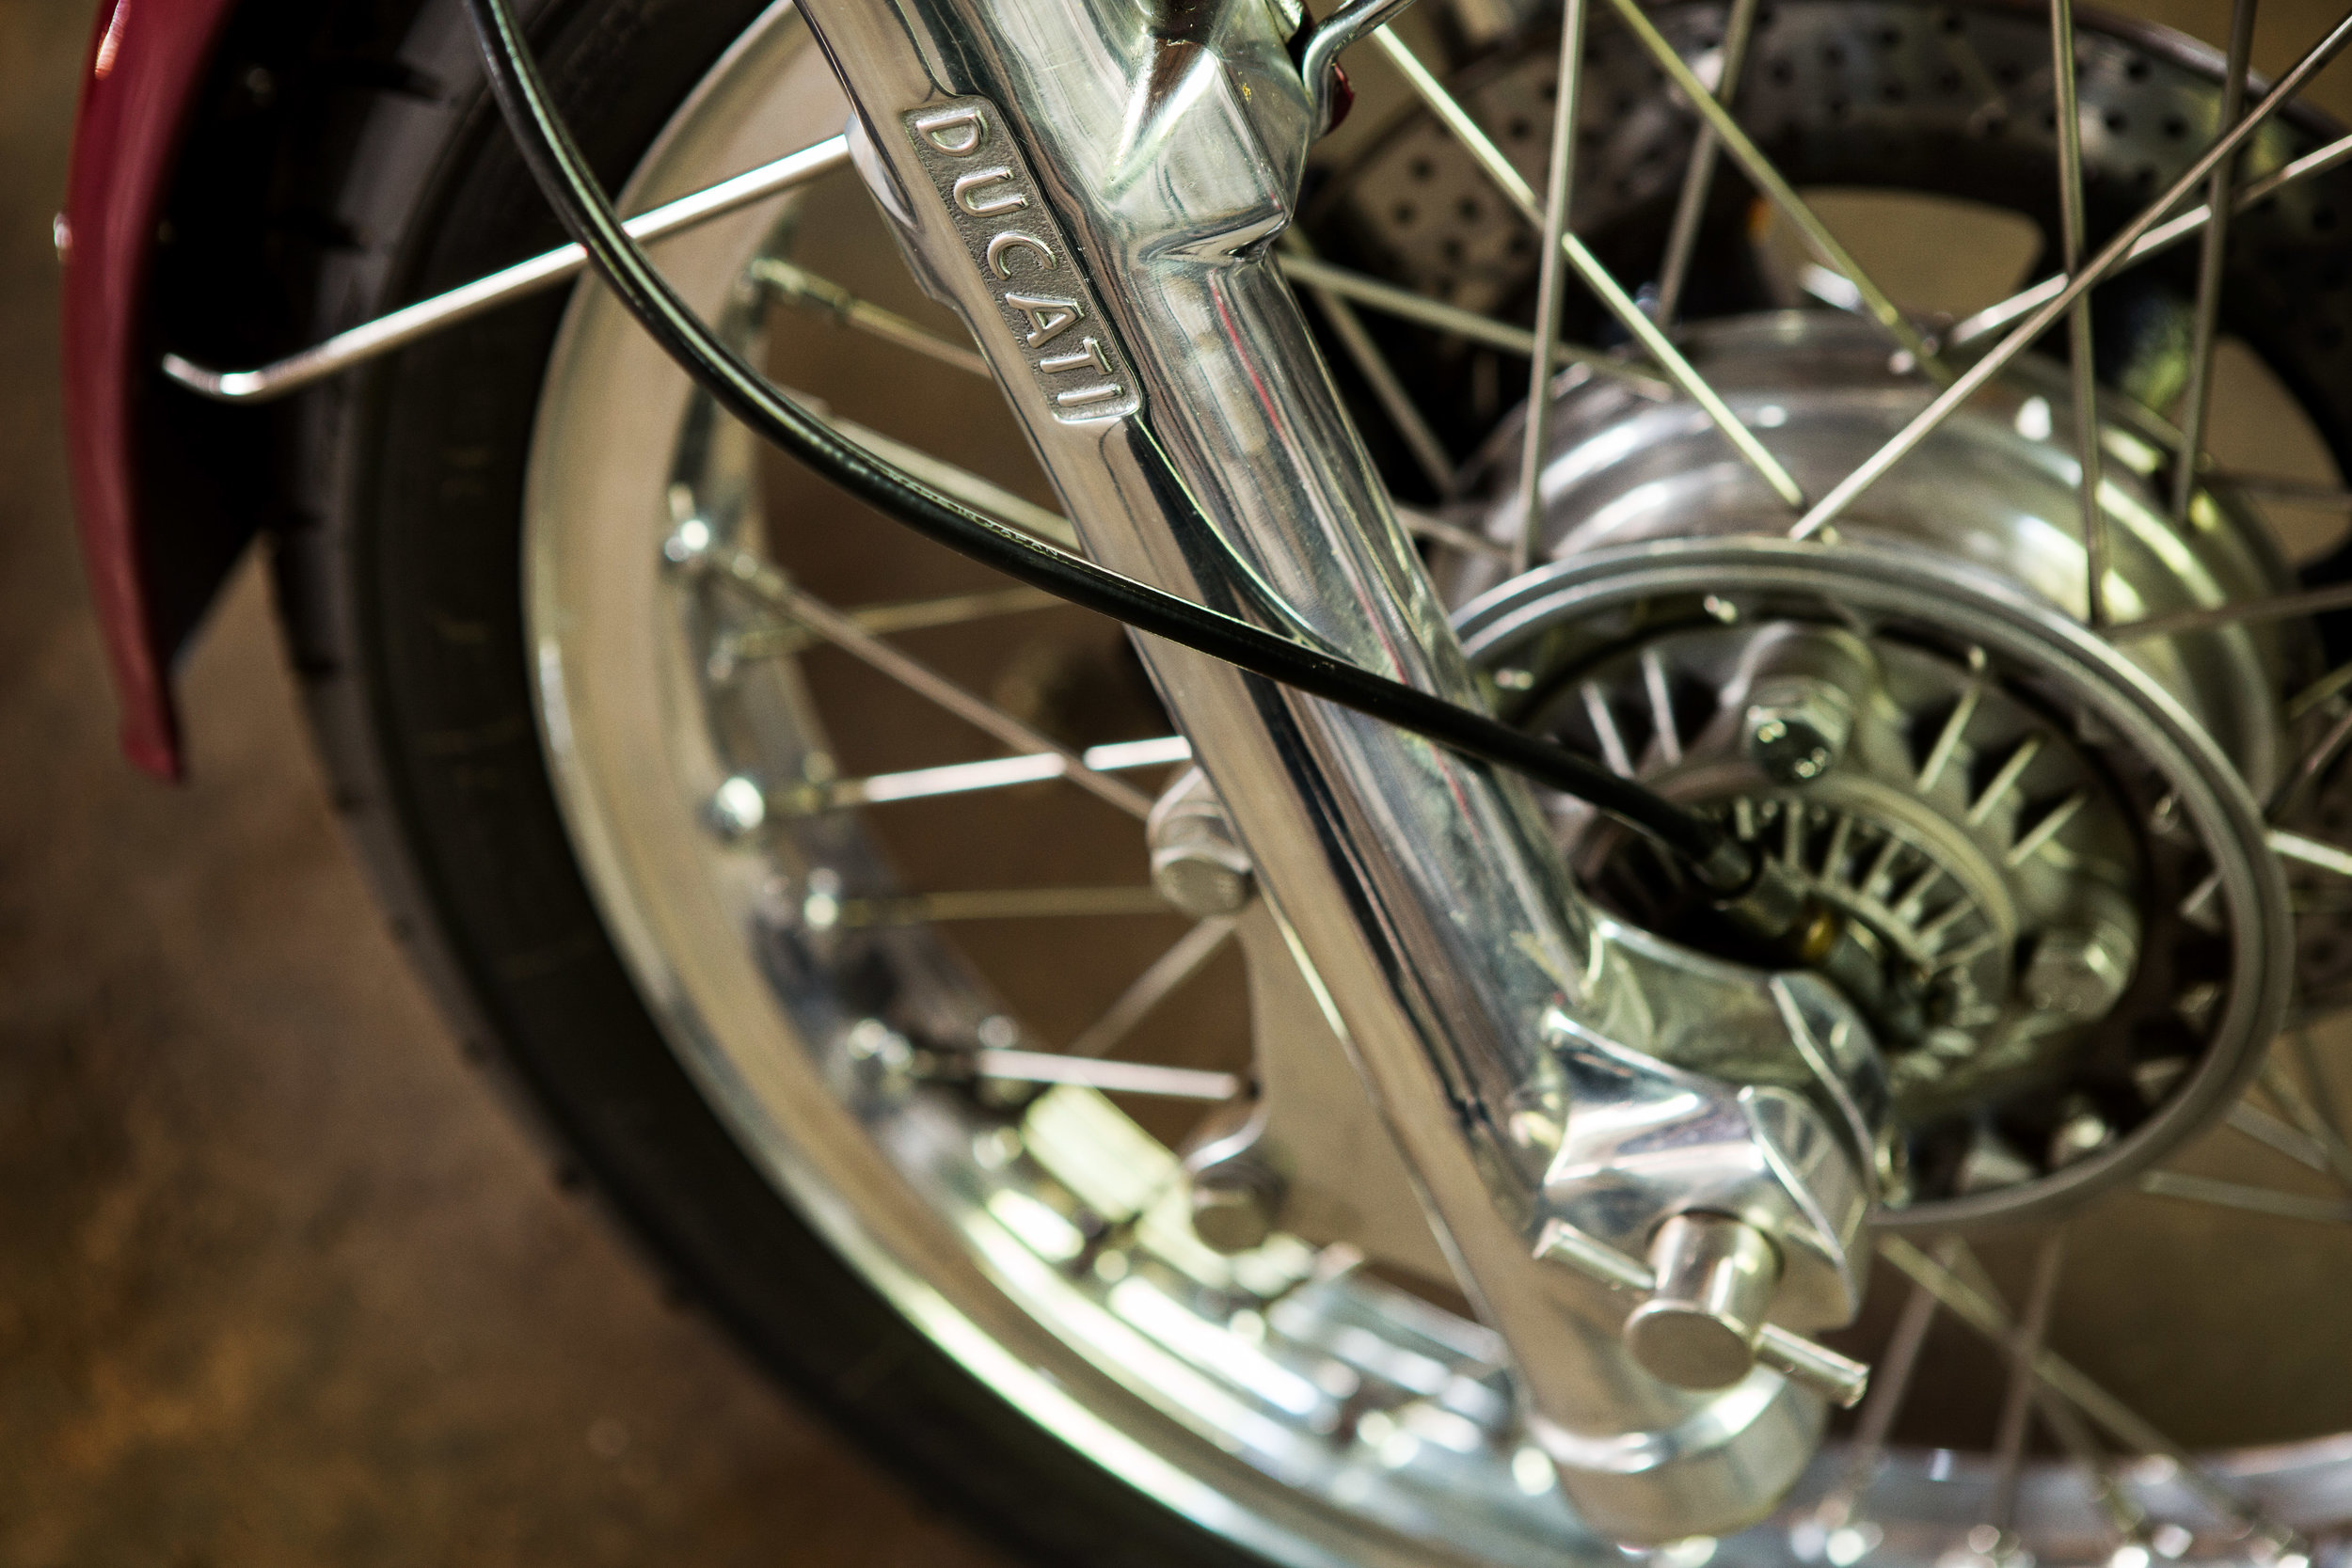 1974 ducati 750 GT wheel